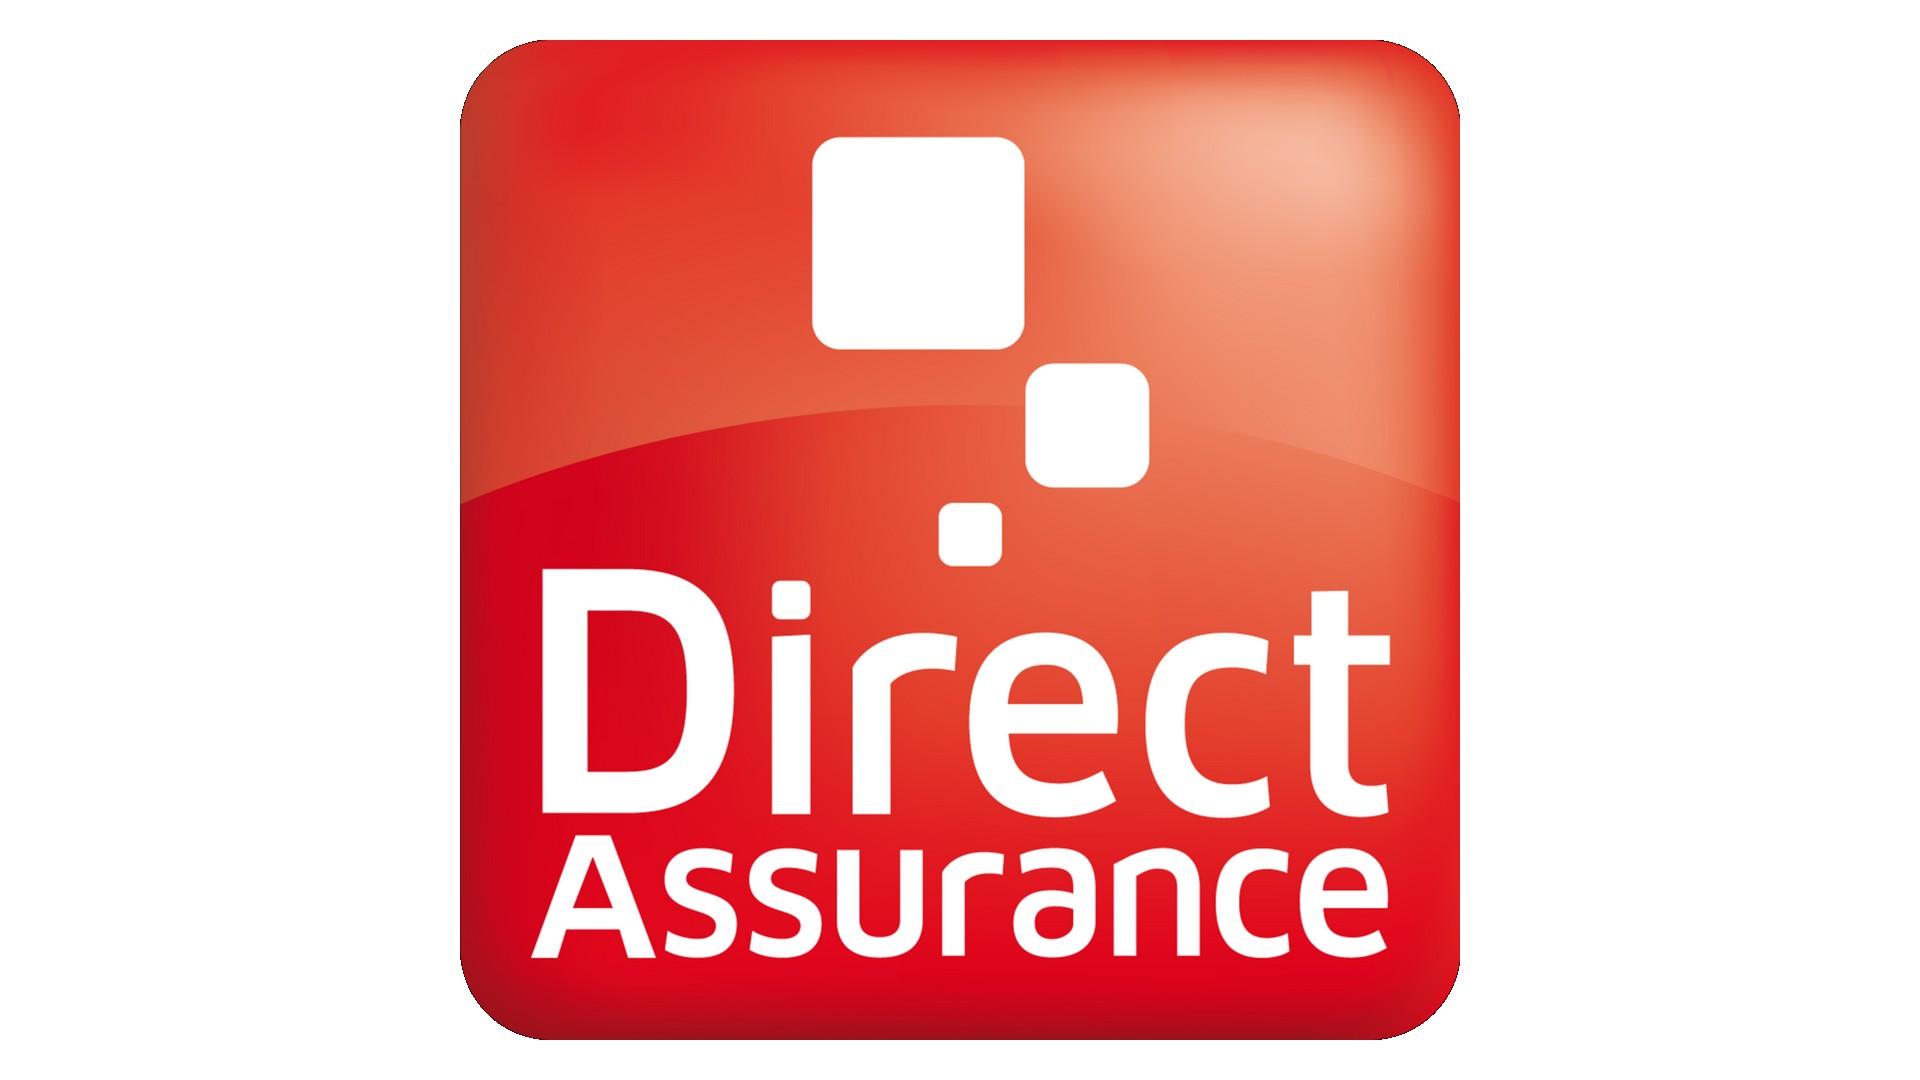 Direct Assurance (1à Logo